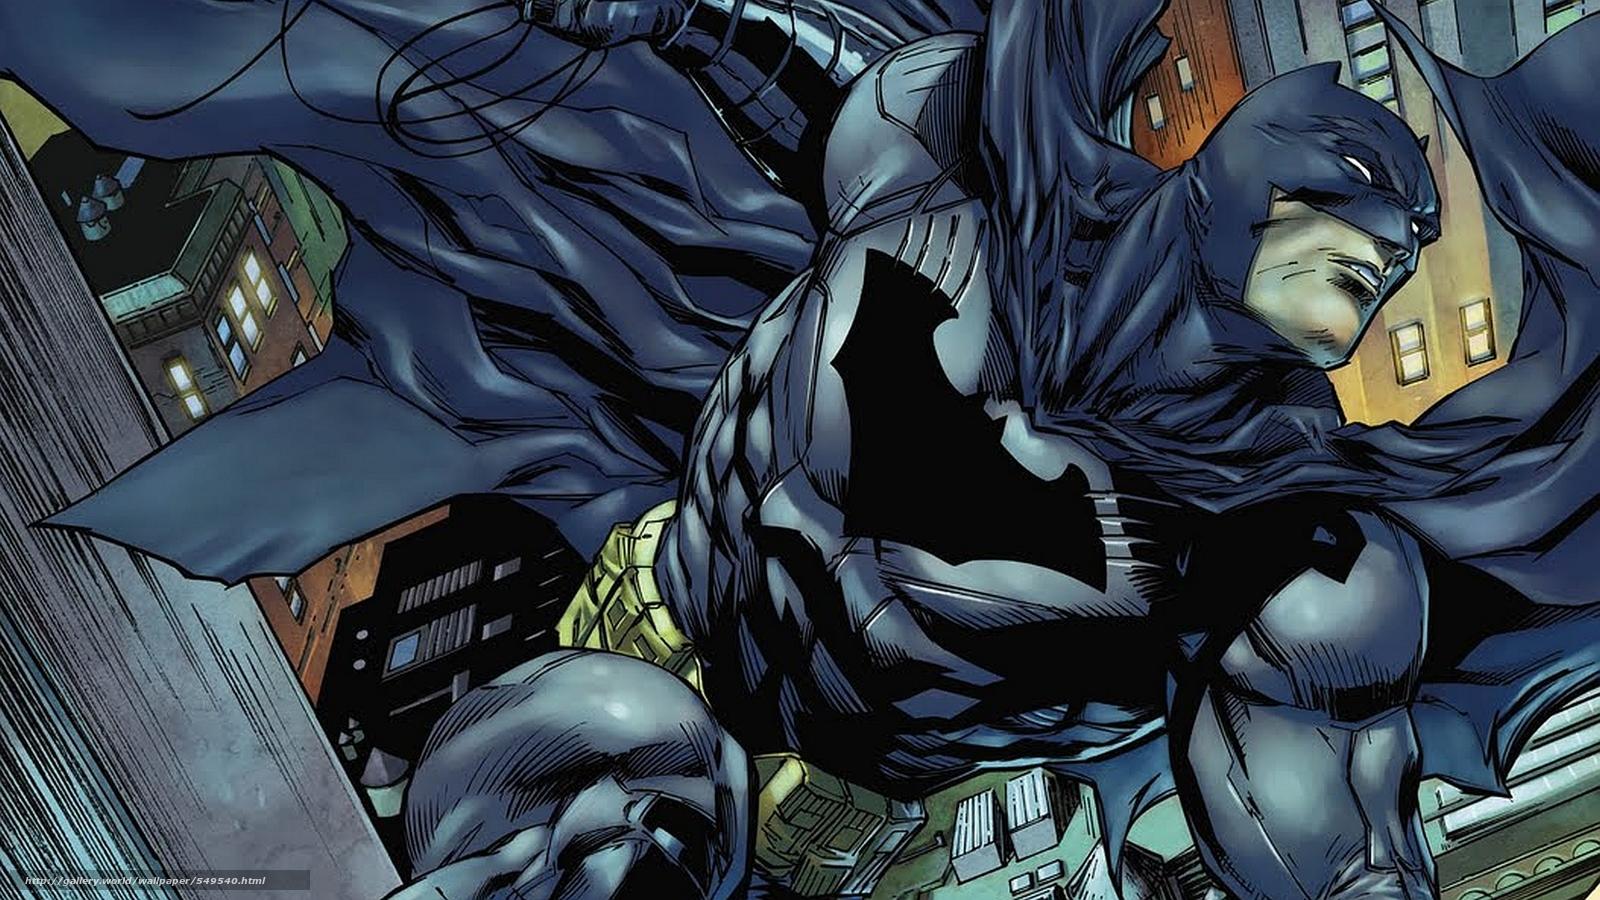 バットマン (架空の人物)の画像 p1_29